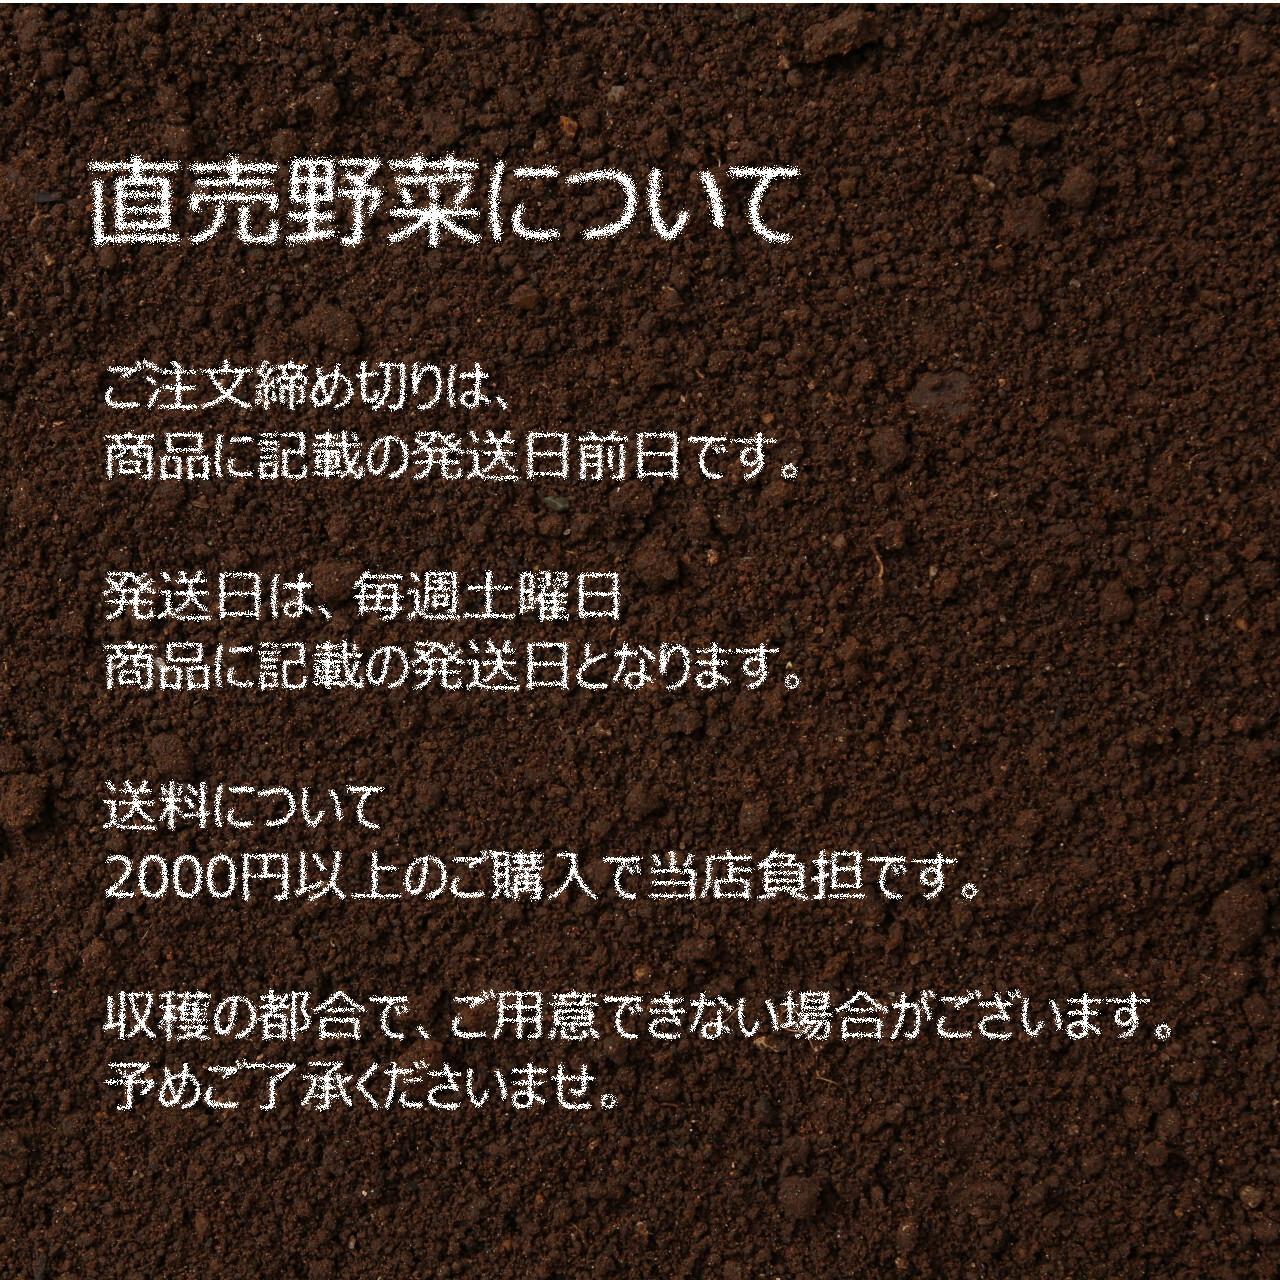 10月の朝採り直売野菜 : インゲン 約150g 新鮮な秋野菜  10月19日発送予定